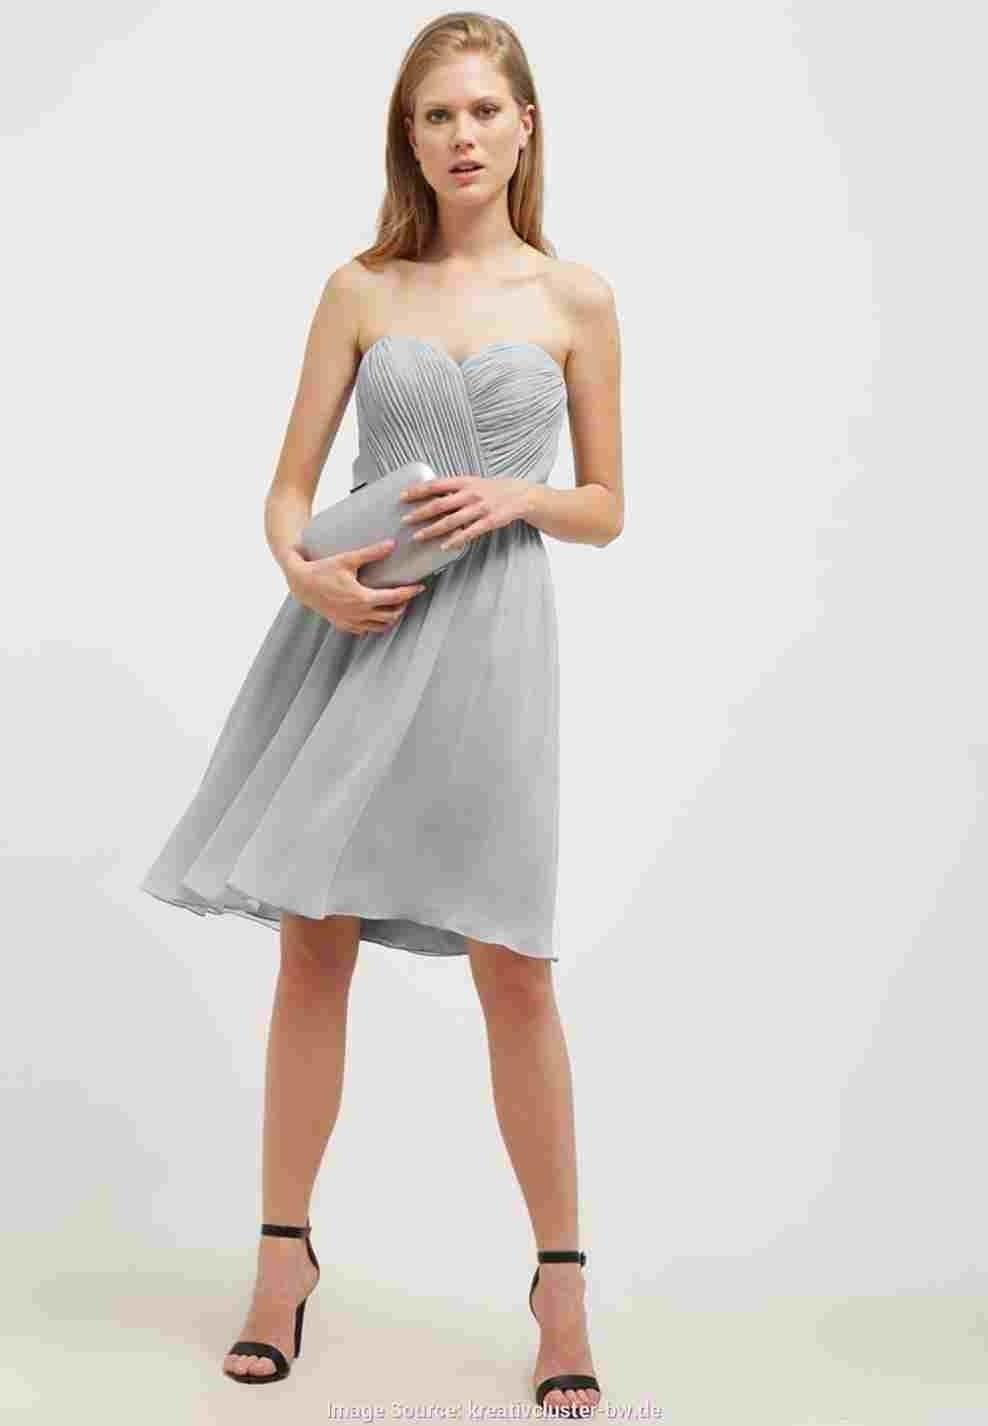 20 Wunderbar Kleid Herbst Festlich Bester PreisDesigner Ausgezeichnet Kleid Herbst Festlich für 2019